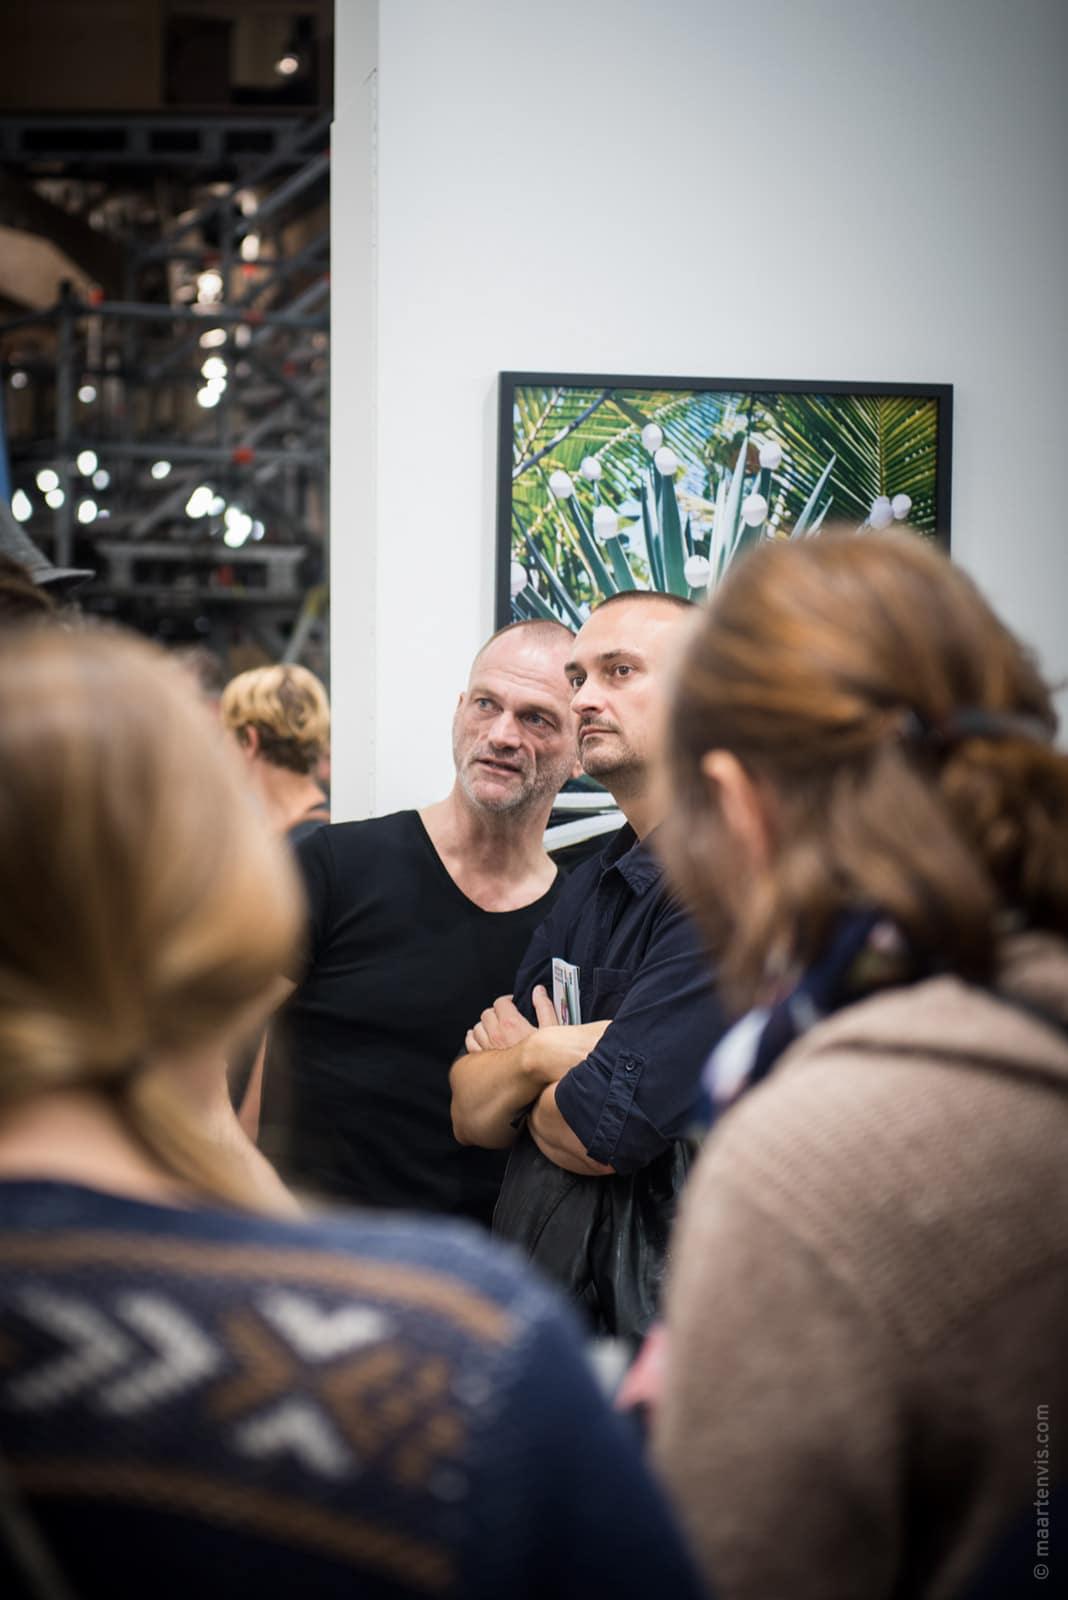 20150917 1766 - Unseen Photo Fair Amsterdam